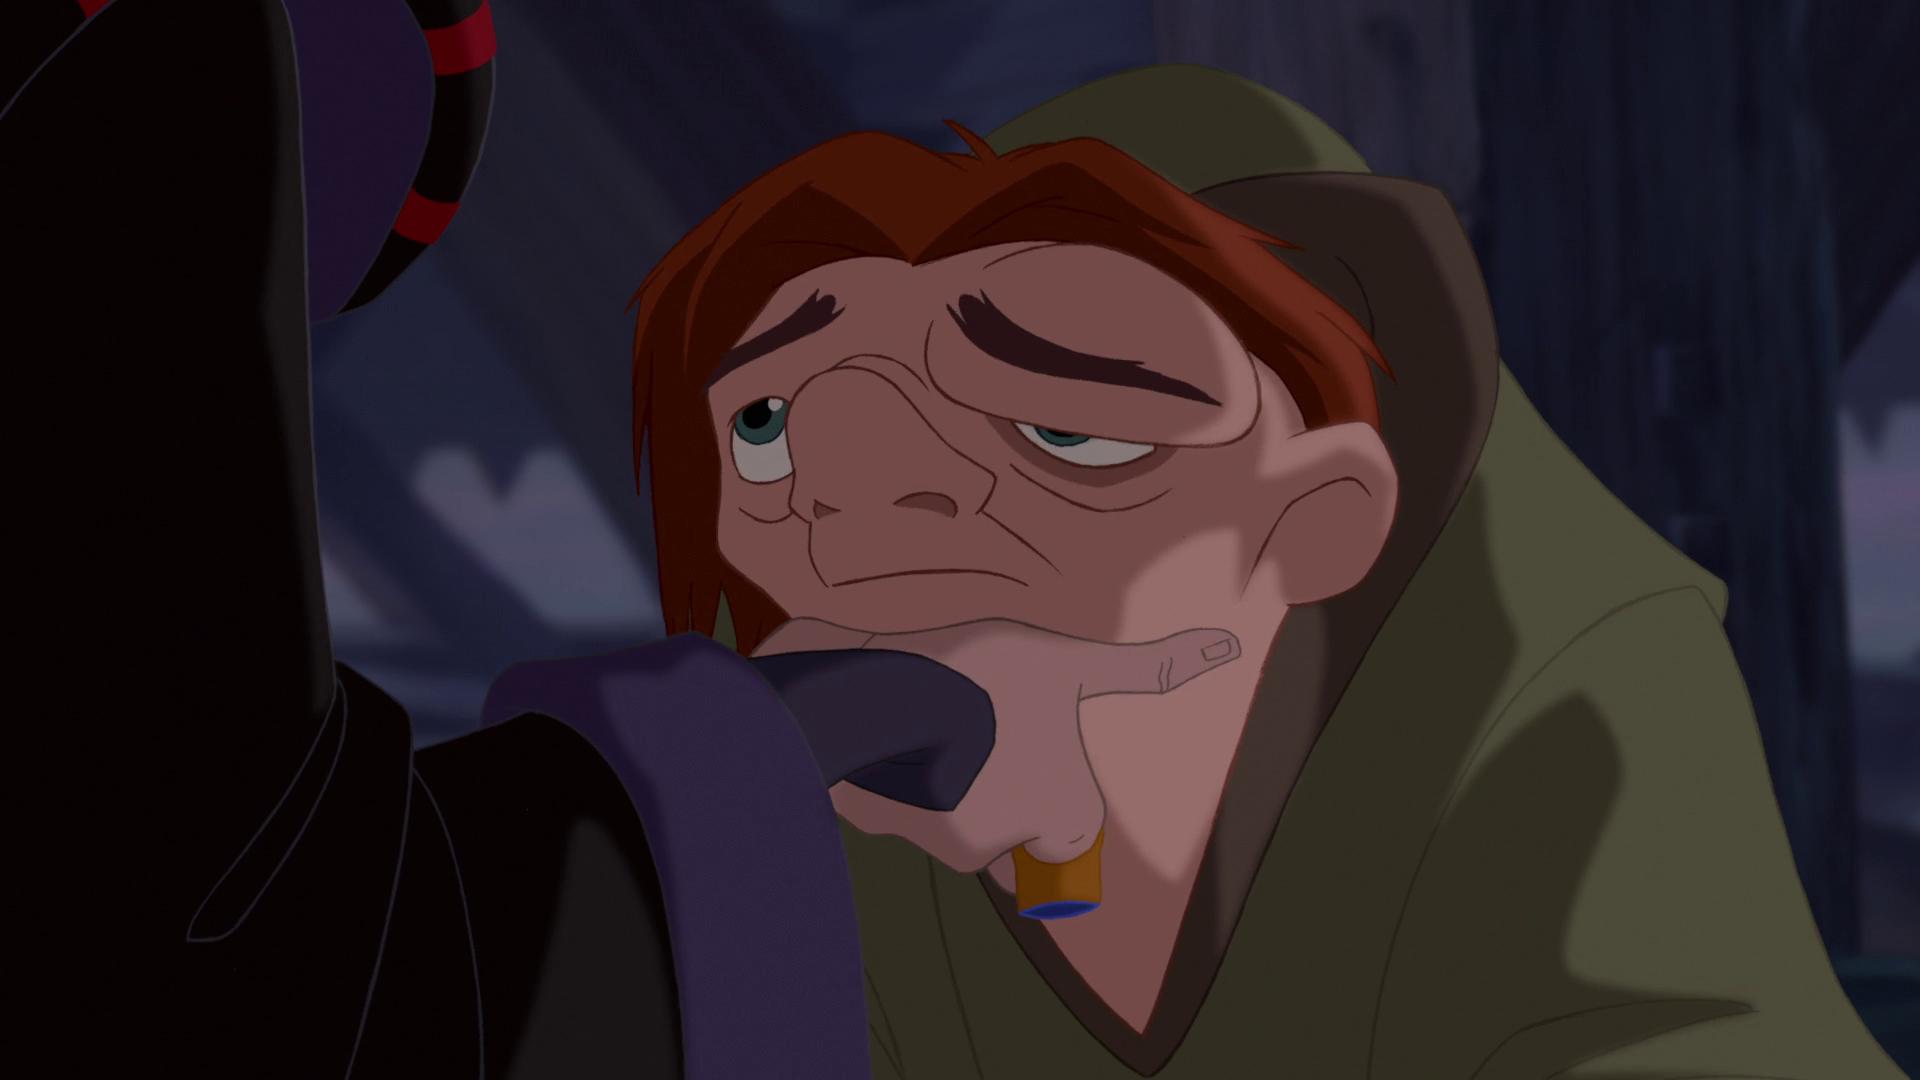 Quasimodo Disney Image - Quasimodo 19.P...